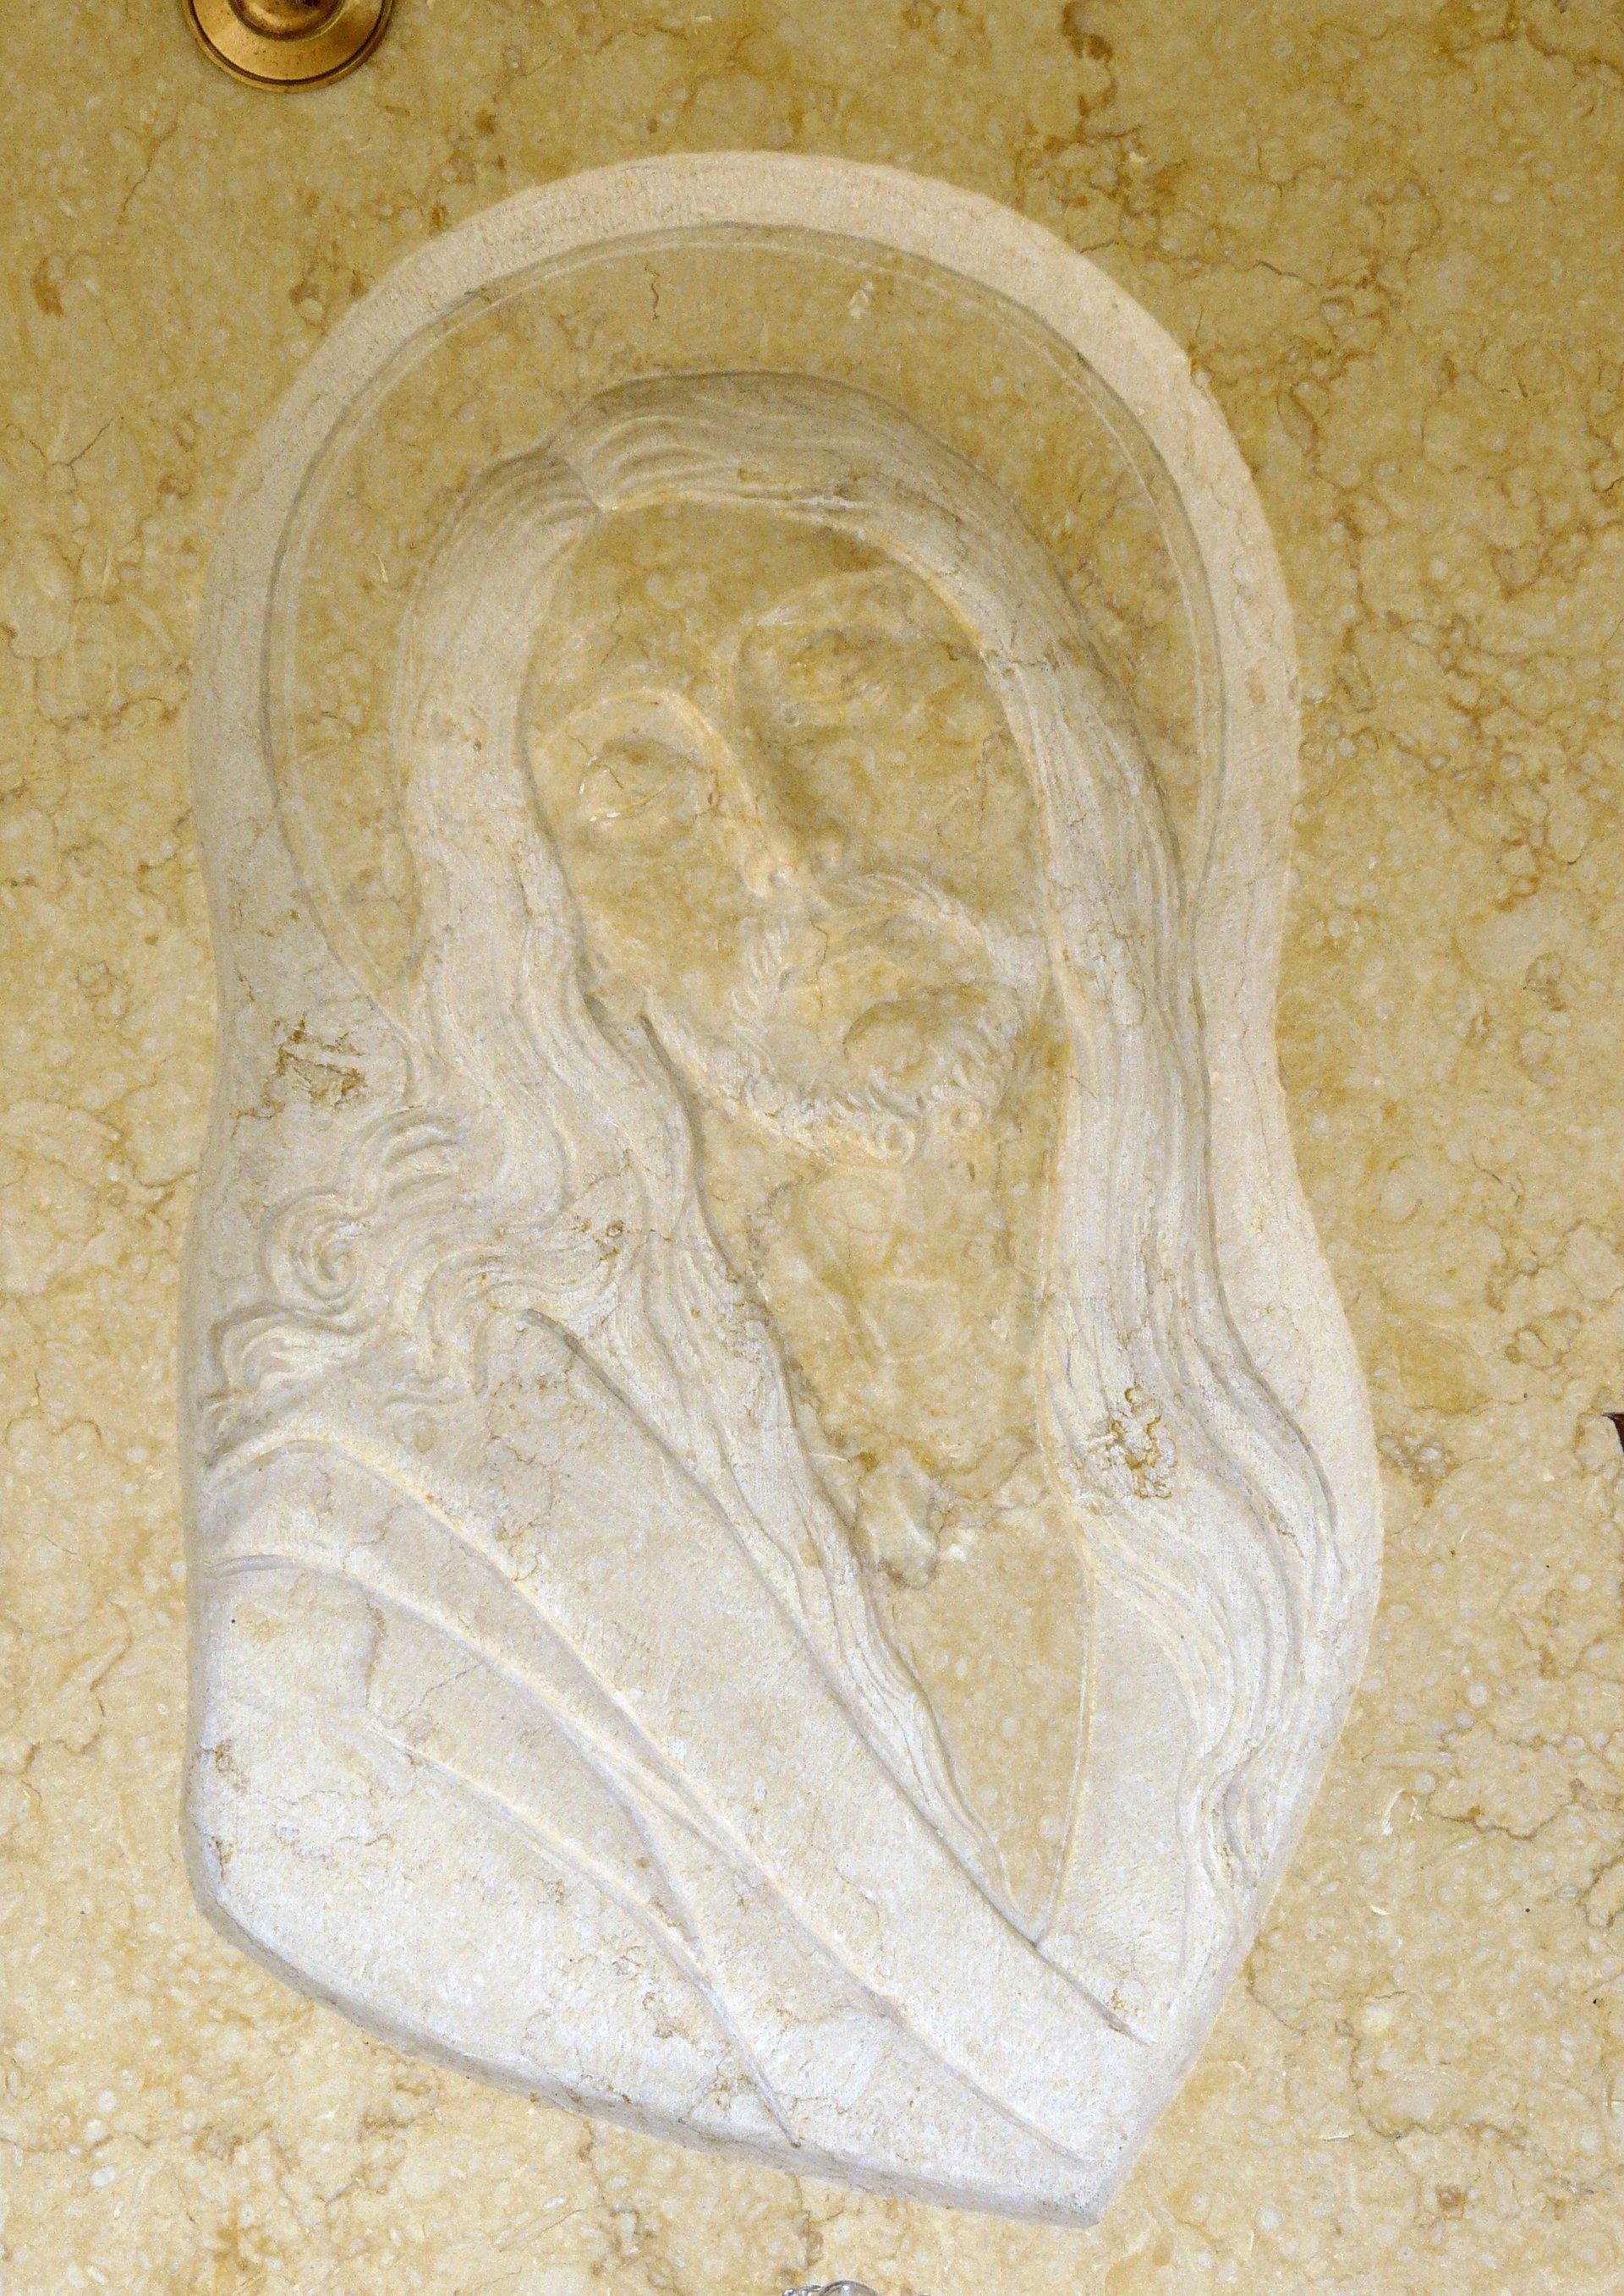 basso rilievo su marmo giallo rappresentante una madonna